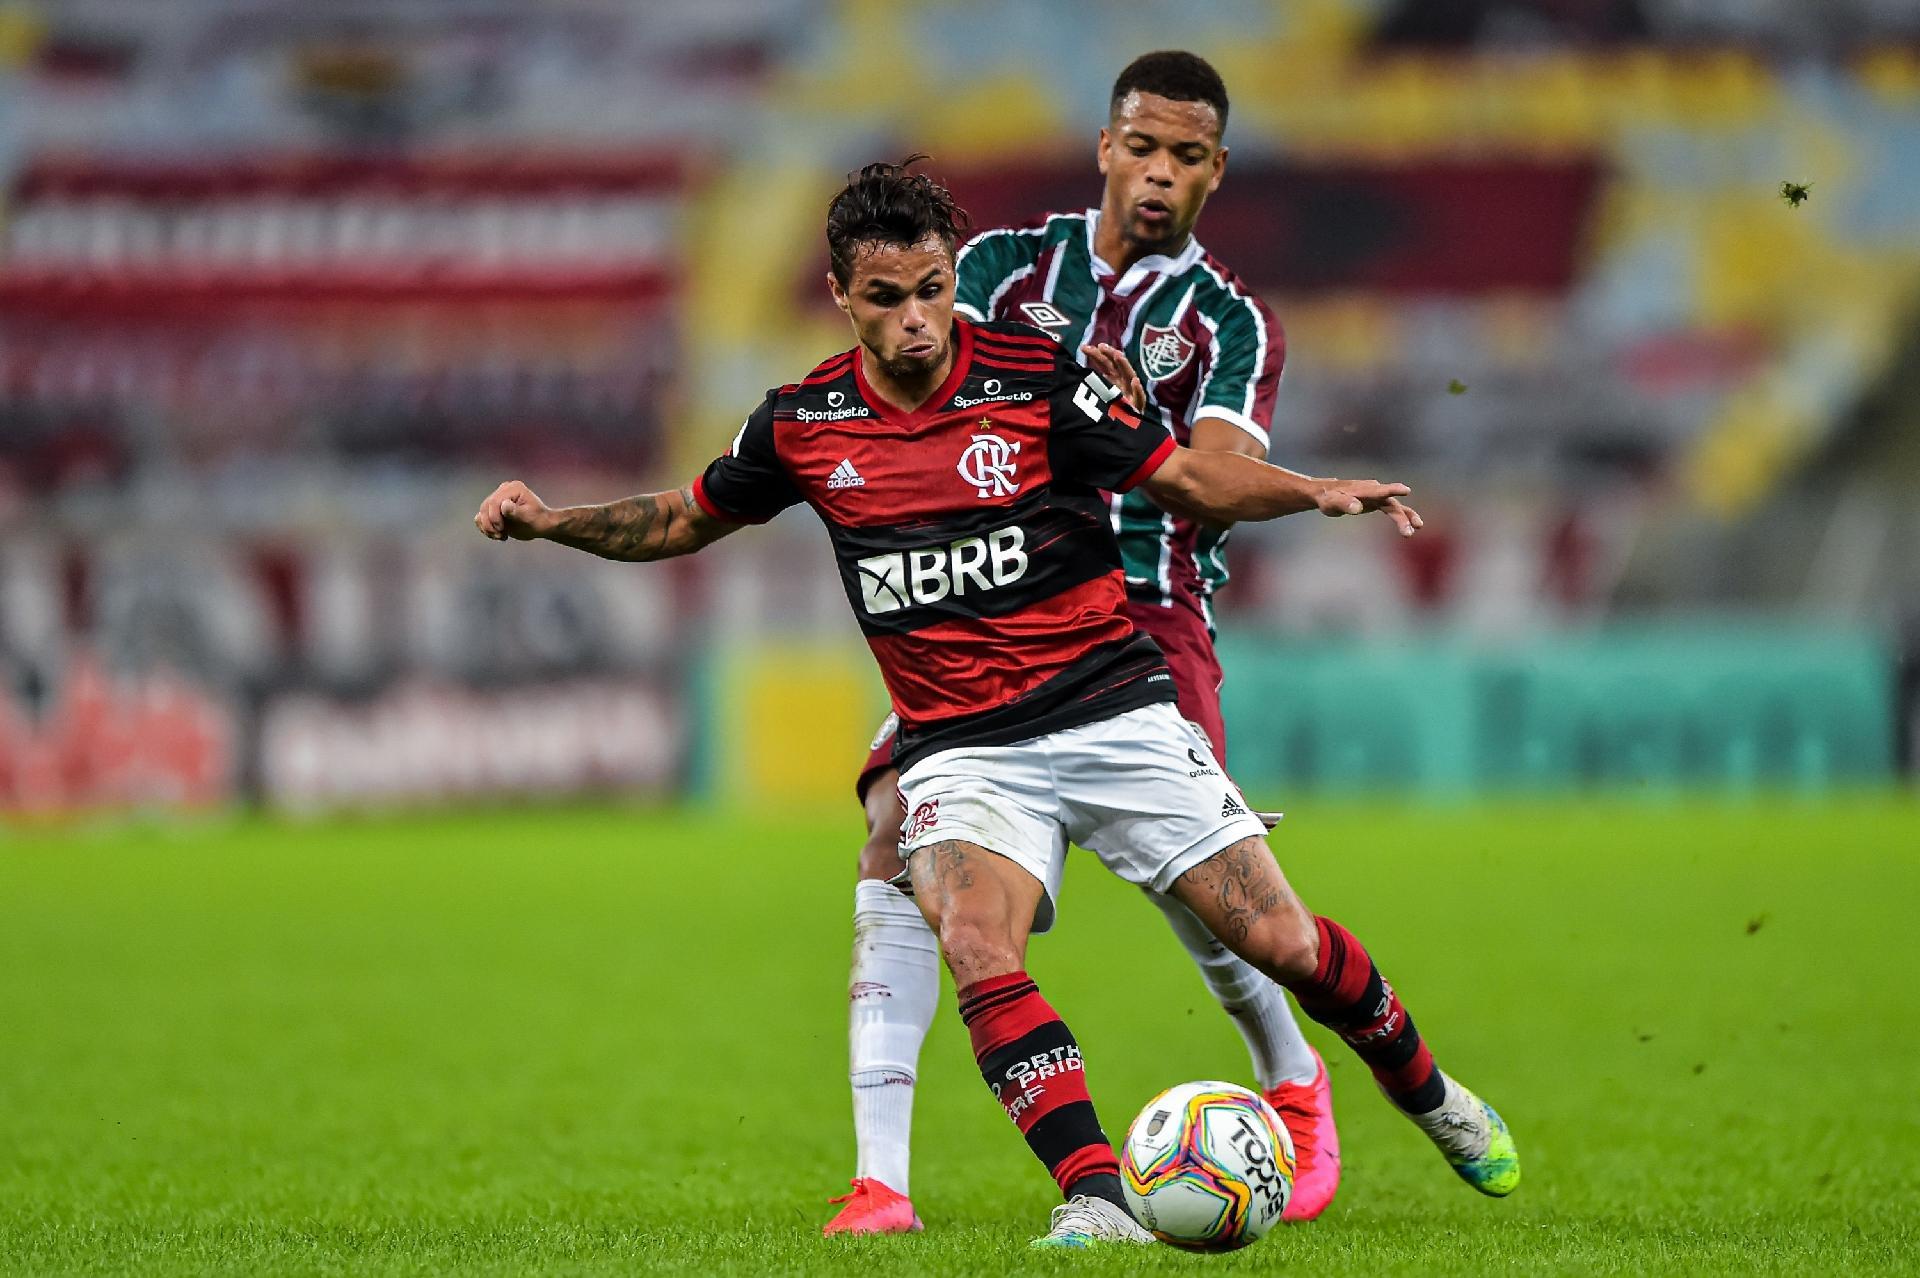 Michael, atacante do Flamengo, em ação na final do Carioca 2020 contra o Fluminense